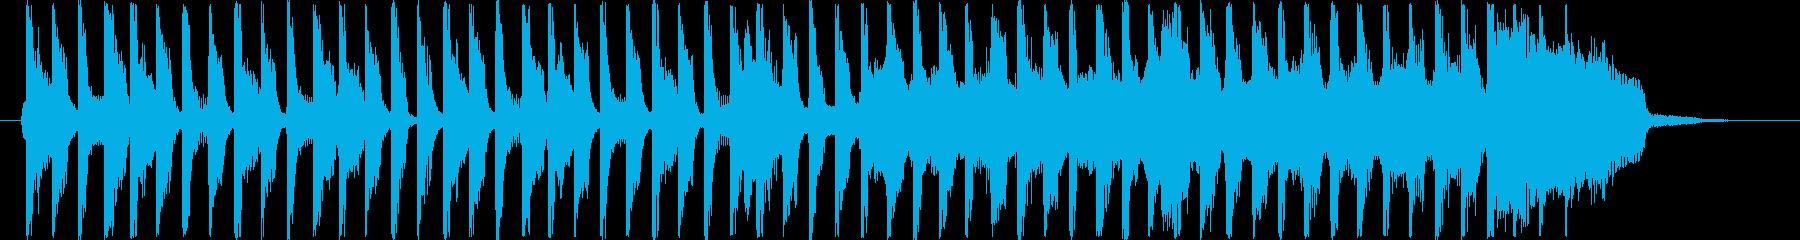 15秒CM お子様 ほのぼの コマソンの再生済みの波形